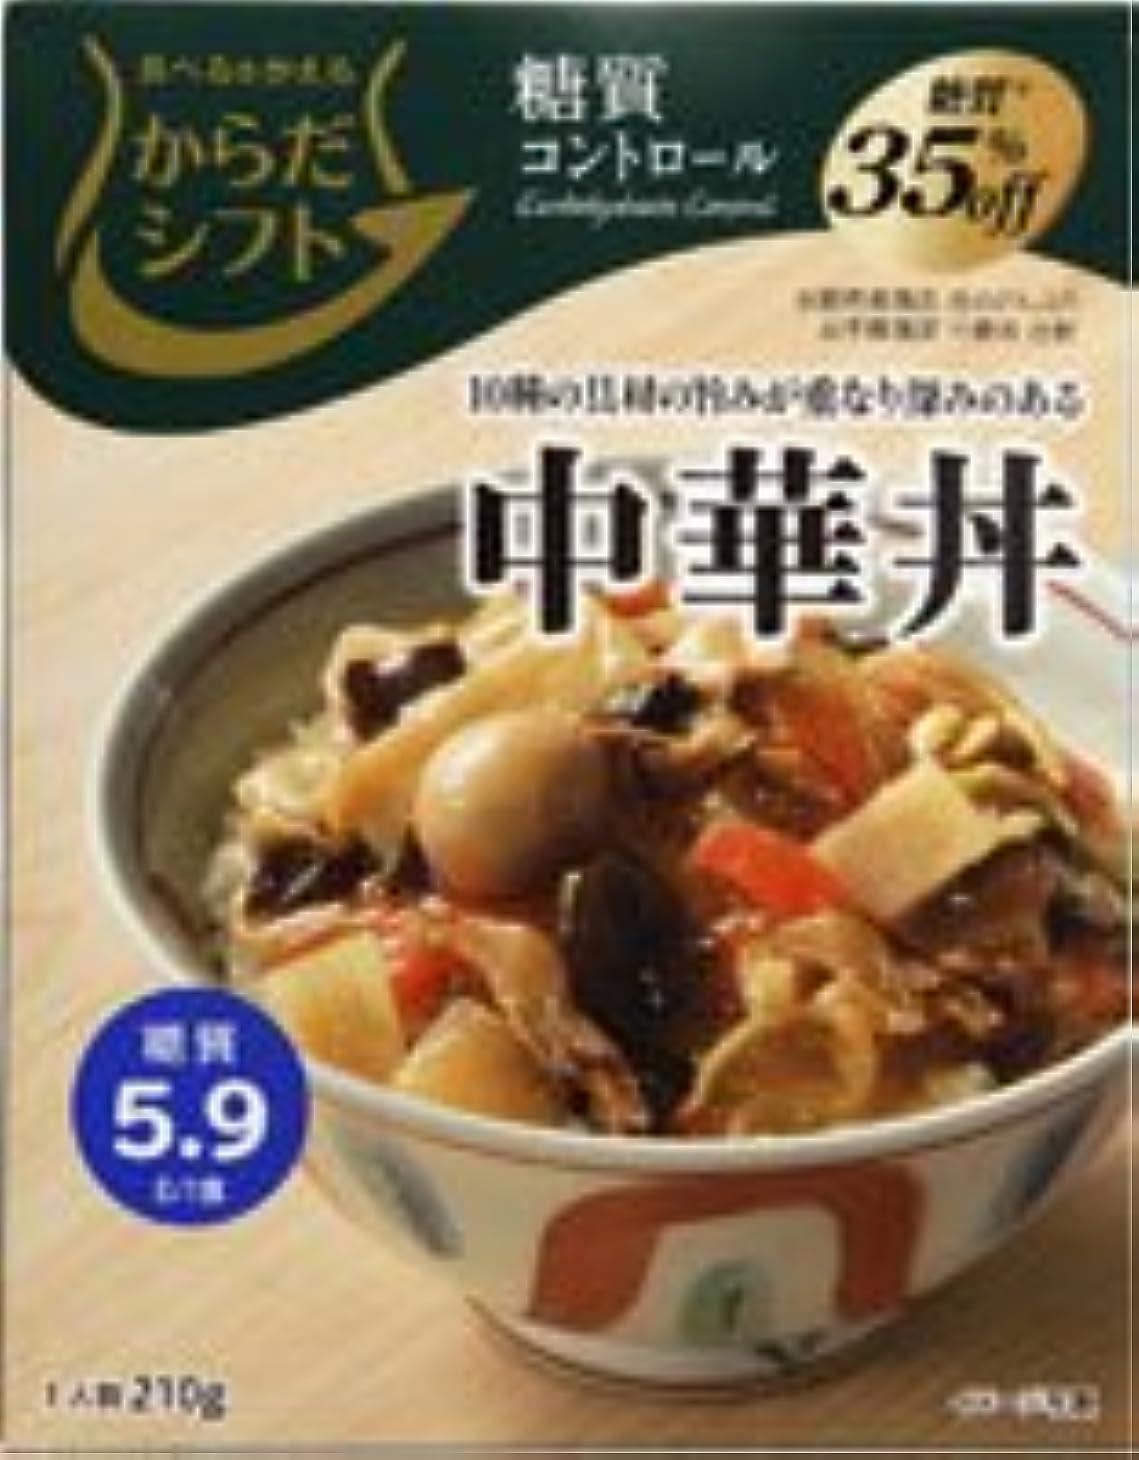 残り物太い認可からだシフト 糖質コントロール 中華丼210g【5個セット】